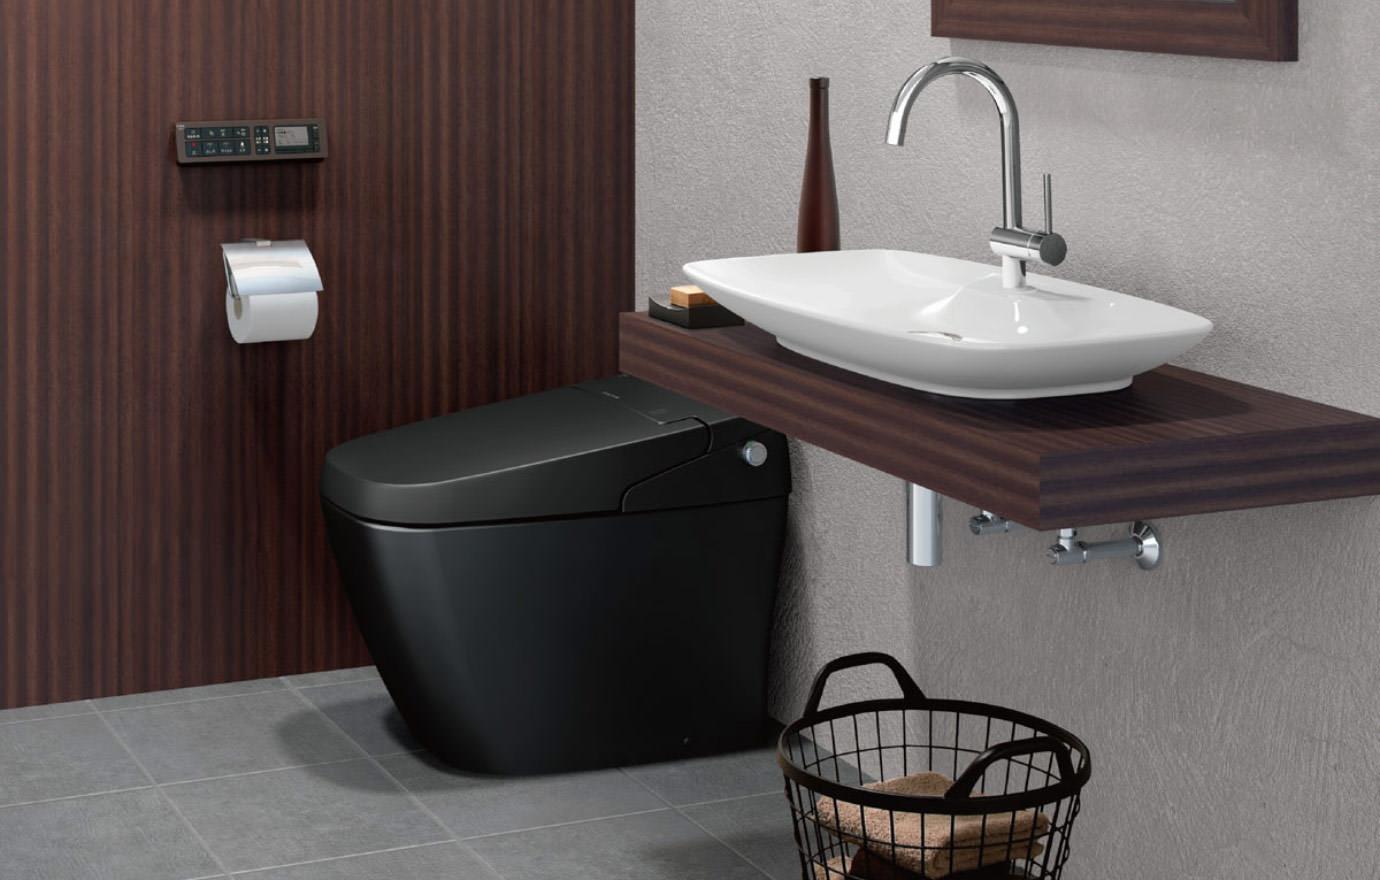 インテリアにこだわる男性必見! 見逃しがちなトイレのオシャレの方法をプロに聞きました